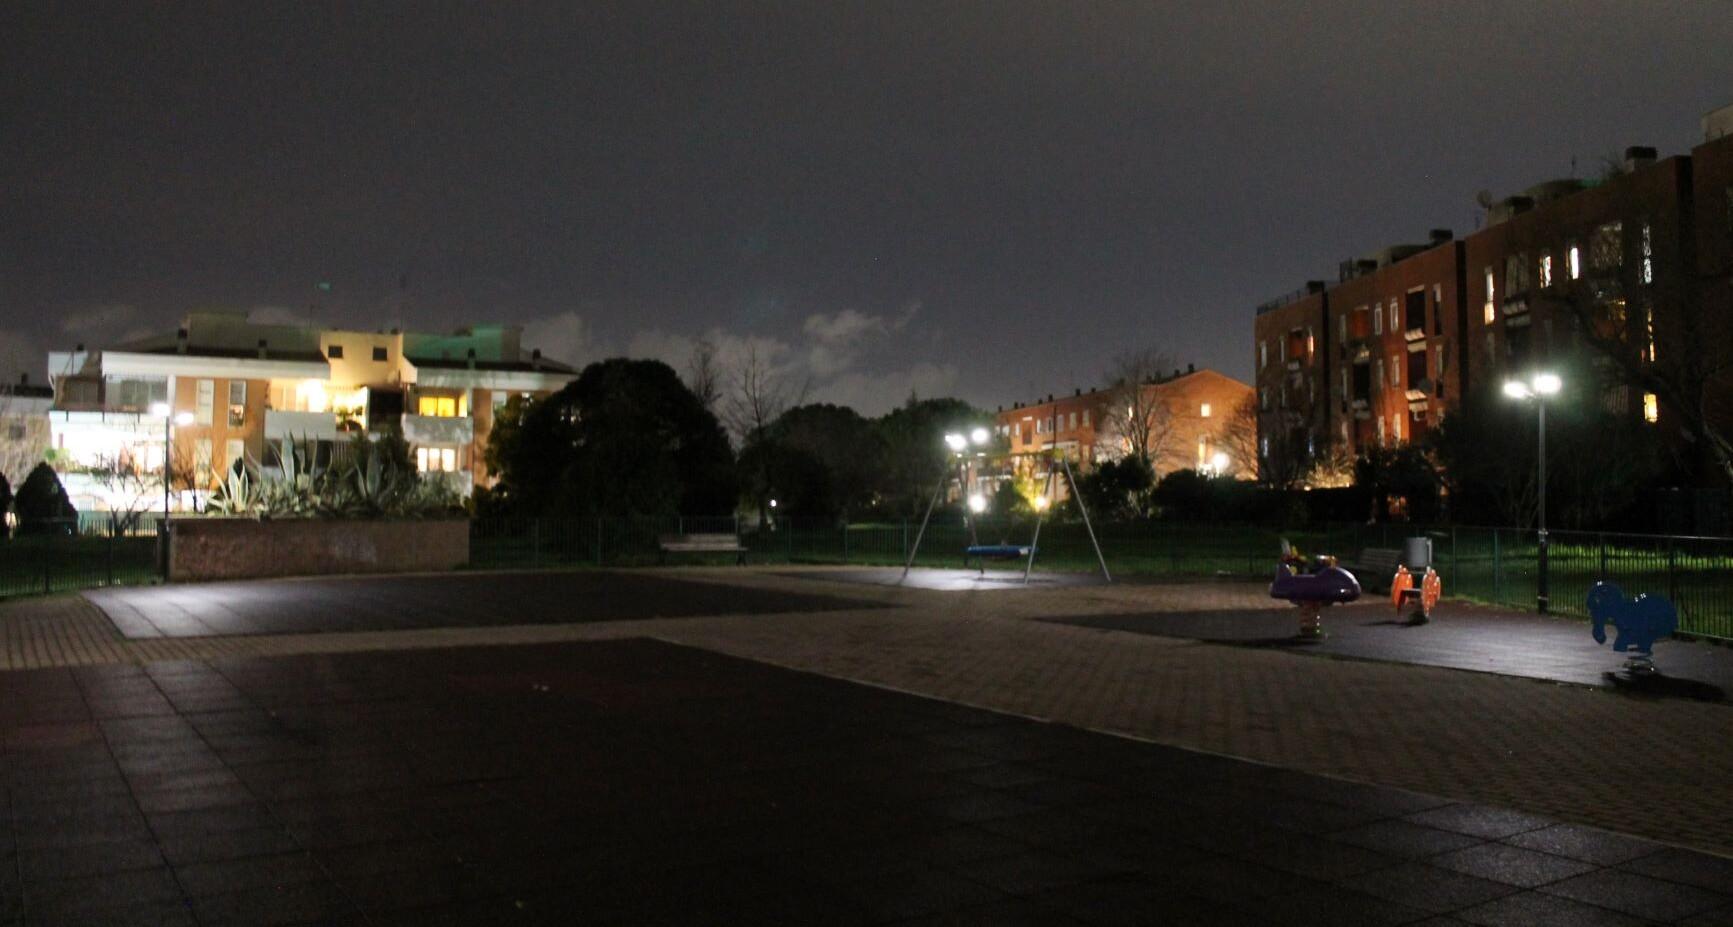 Nuova luce per il parco giochi ….